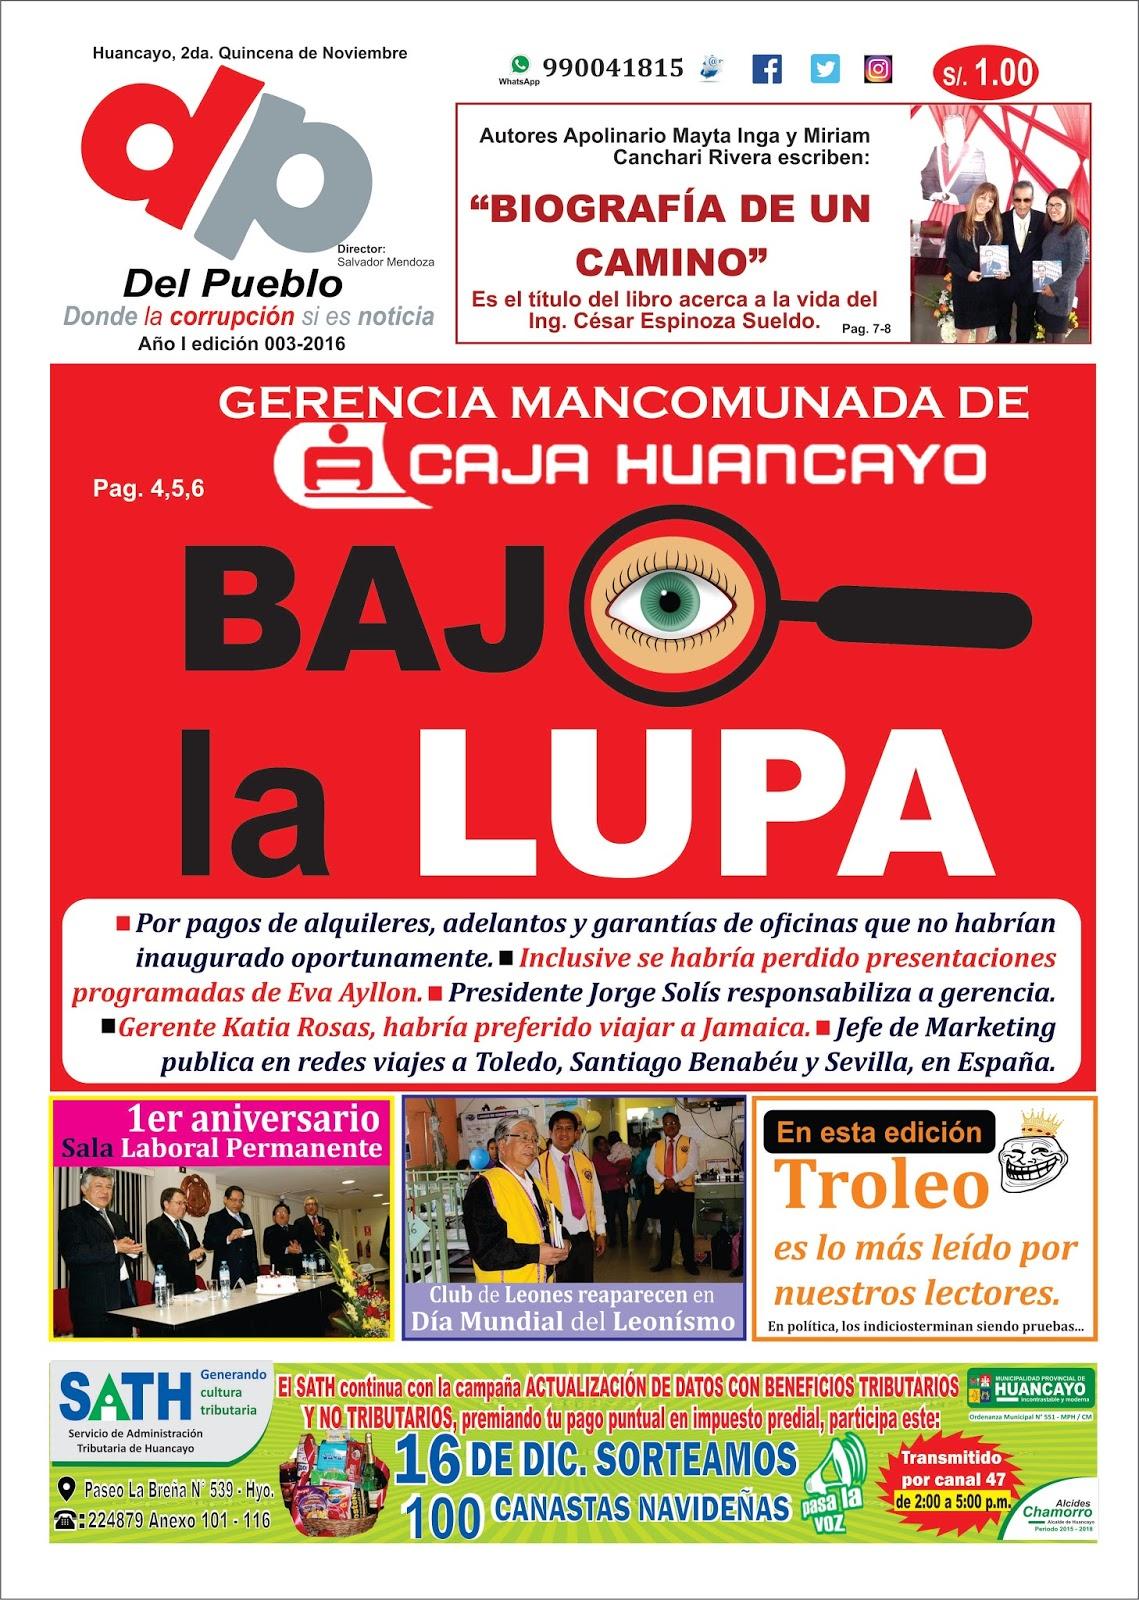 Quincenario del pueblo online huancayo gerencia de caja huancayo bajo la lupa - Oficina virtual de caja espana ...